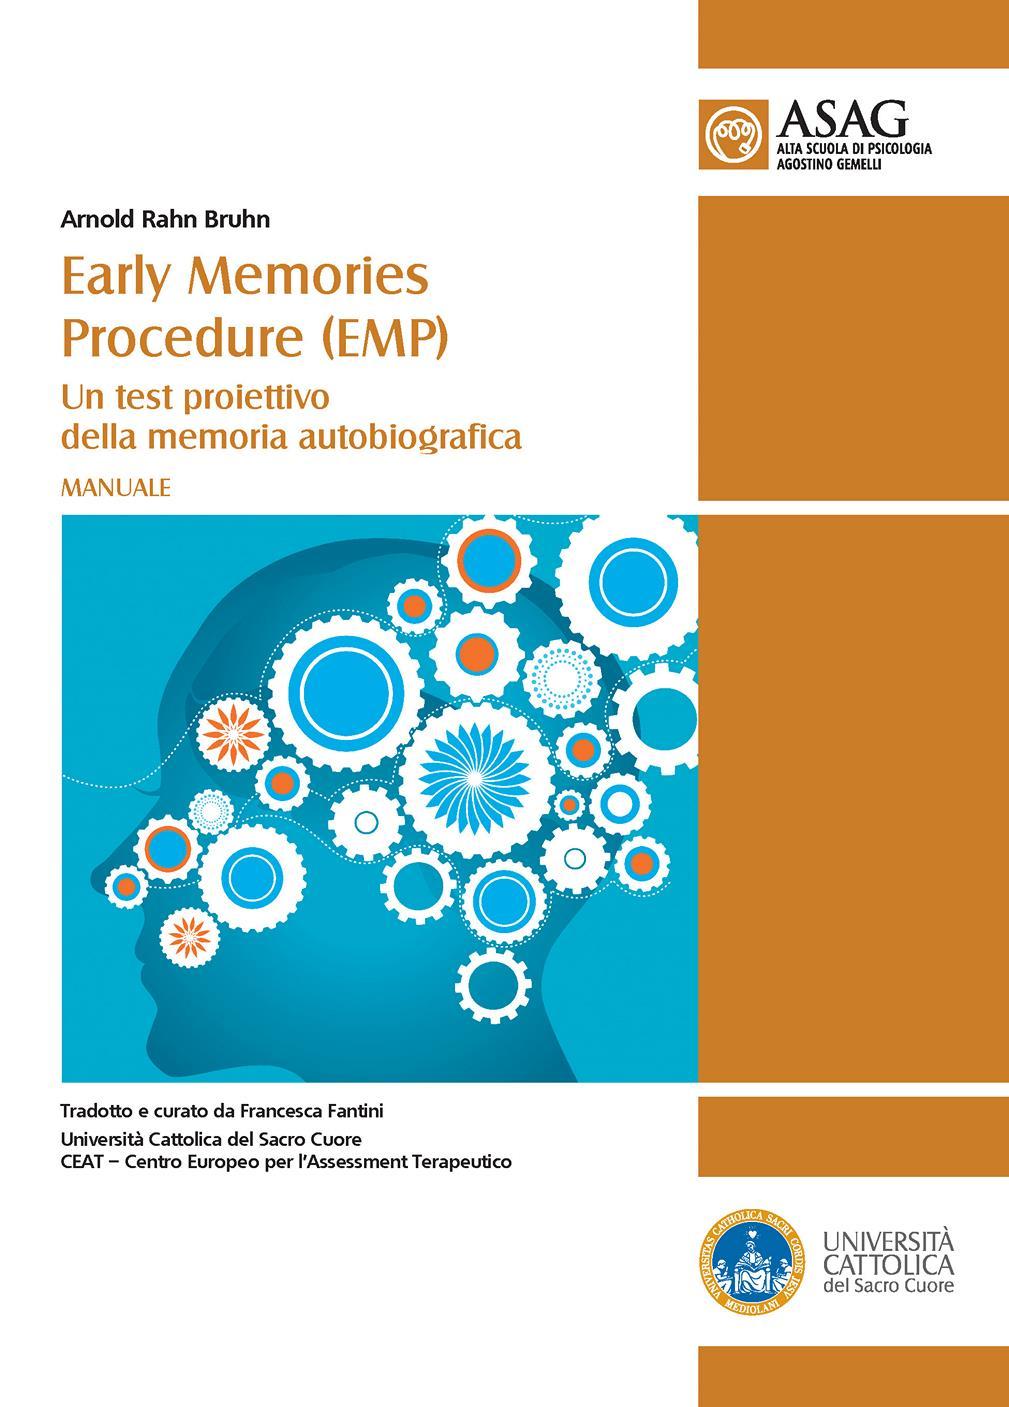 MANUALE - EARLY MEMORIES PROCEDURE (EMP) UN TEST PROIETTIVO DELLA MEMORIA AUTOBIOGRAFICA